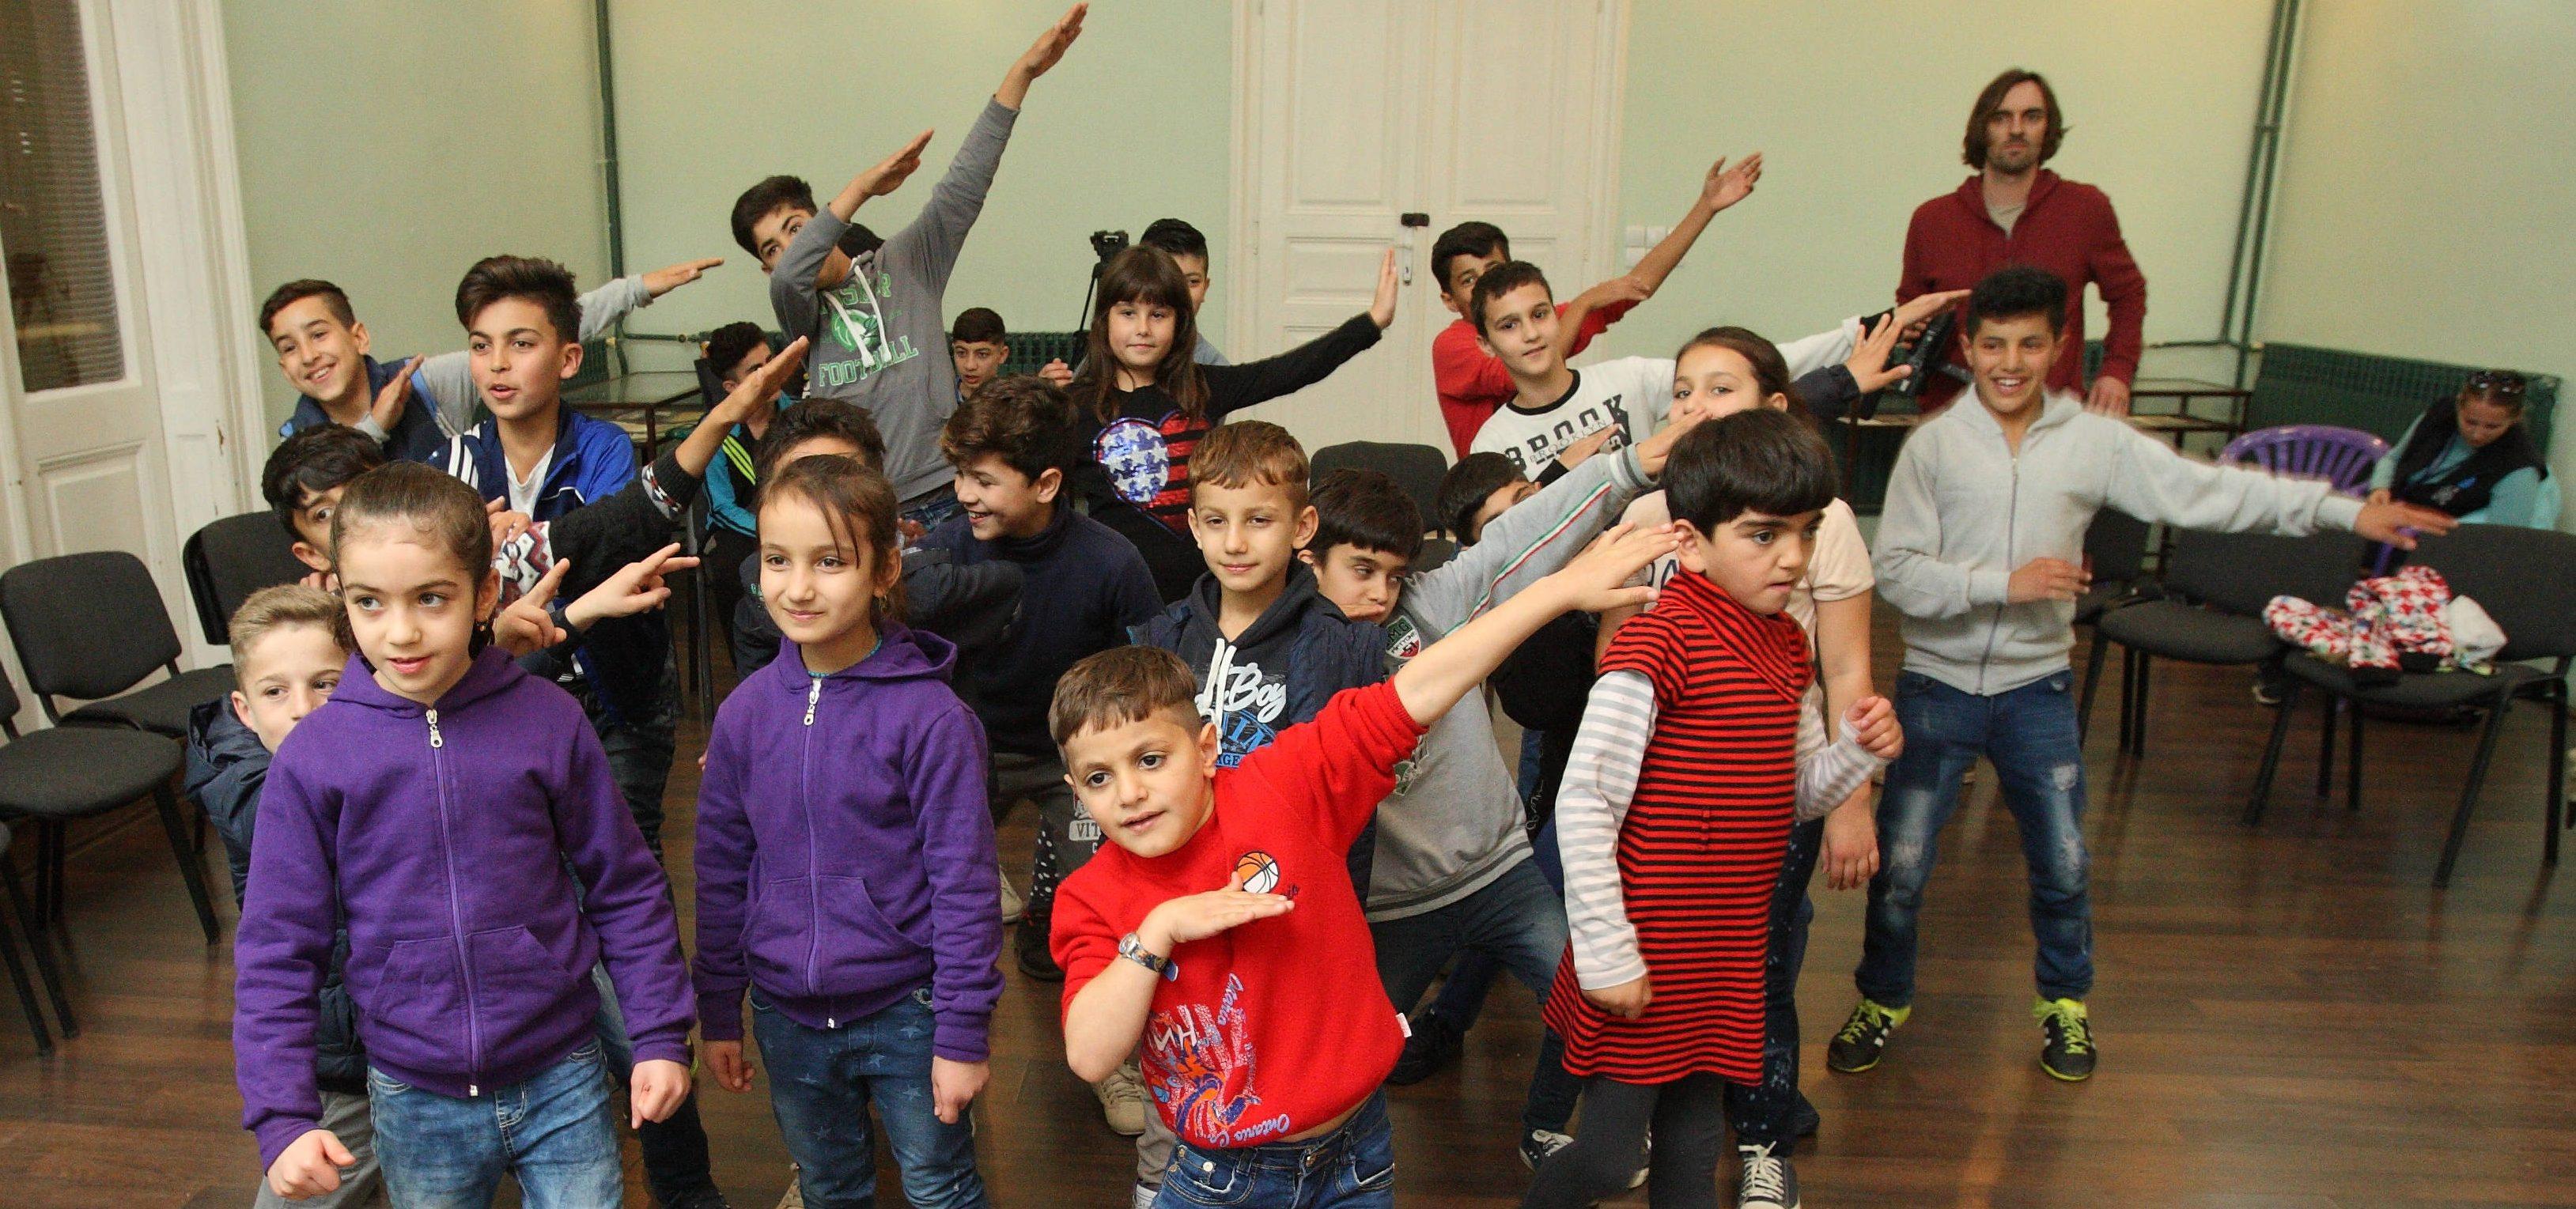 Deca migranti učestvovala na radionici sa somborskim osnovcima